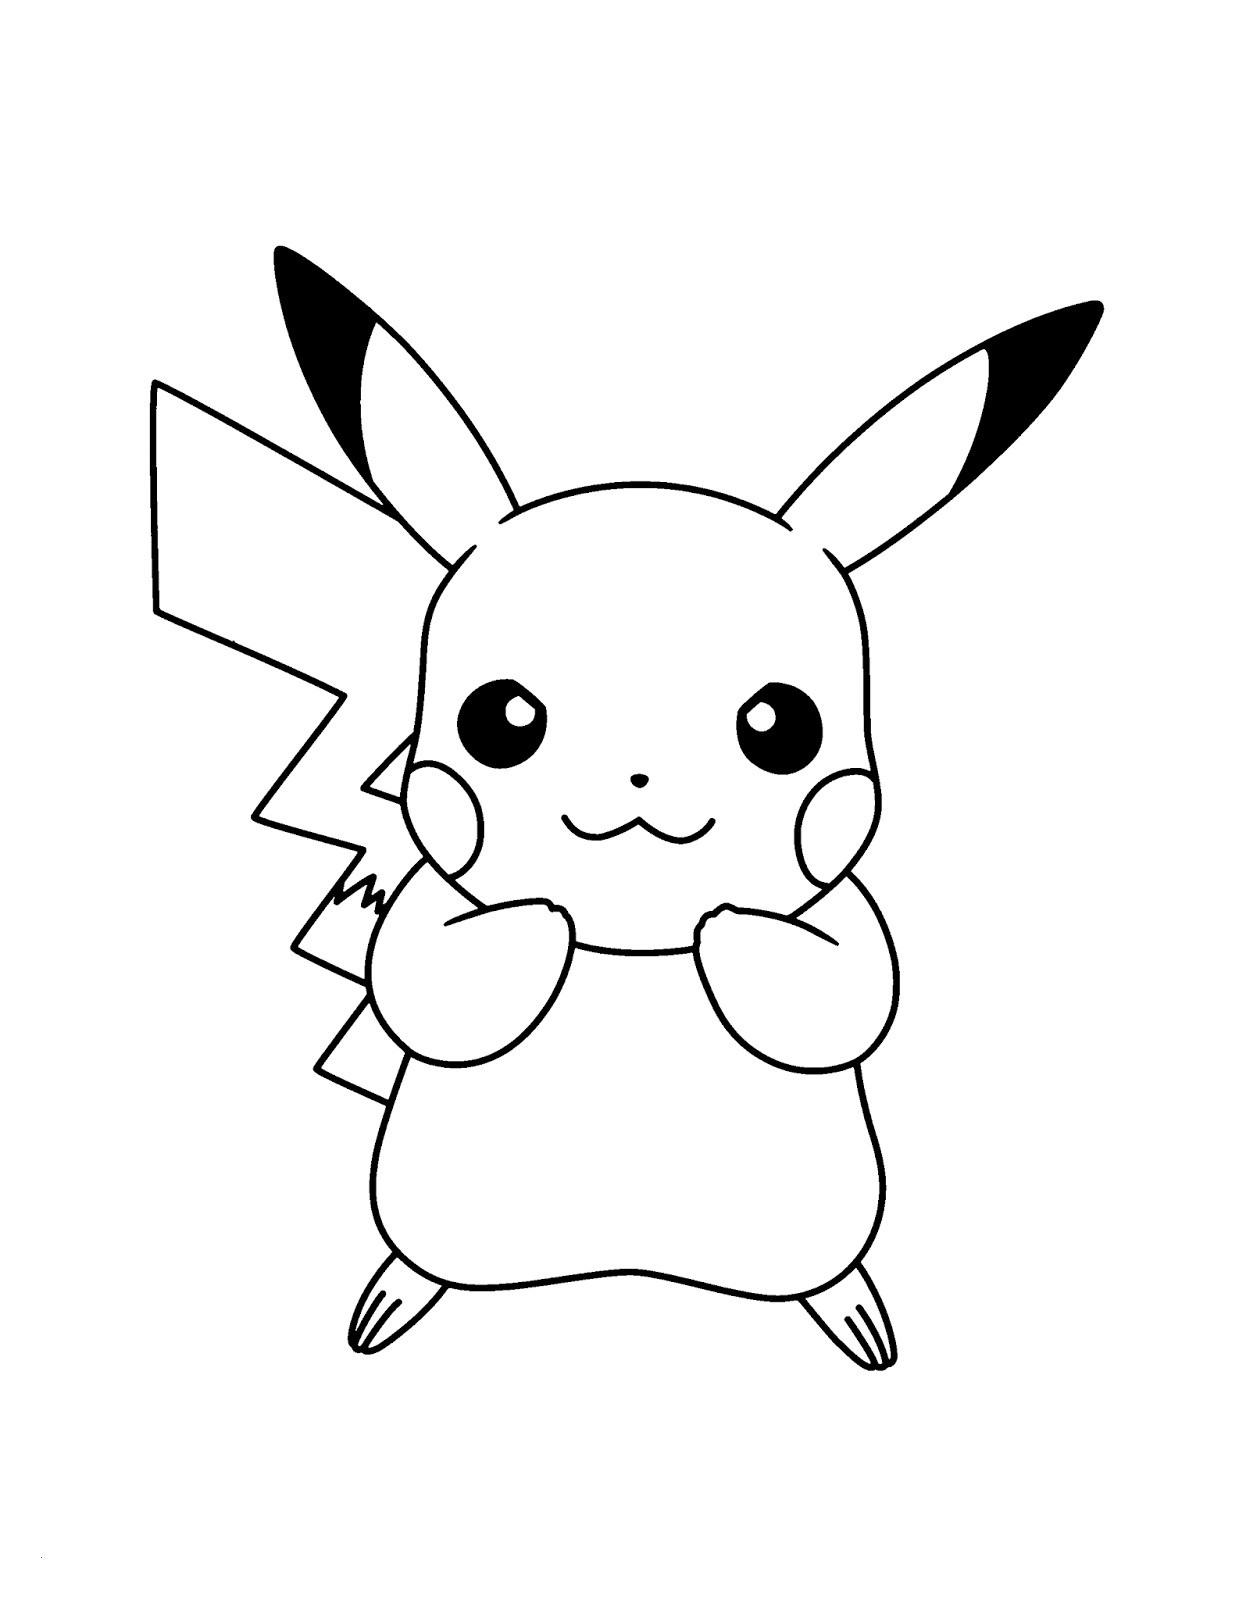 Pokemon Ausmalbilder sonne Und Mond Neu 40 Pikachu Malvorlagen forstergallery Bild